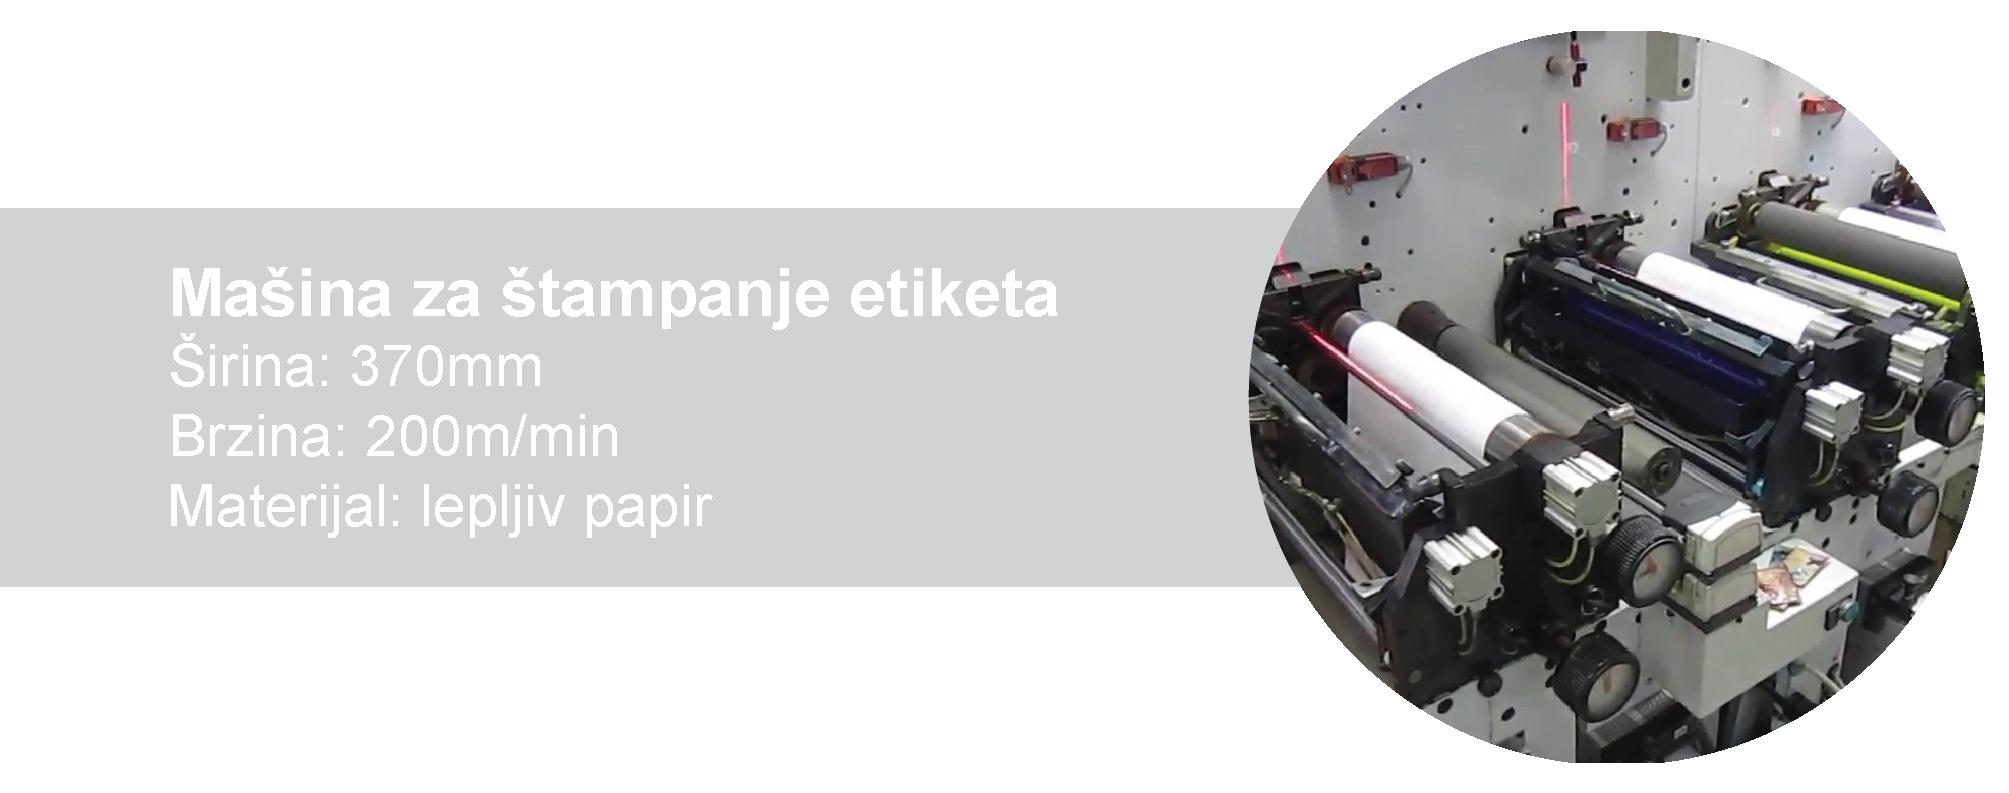 Mašina za štampanje etiketa